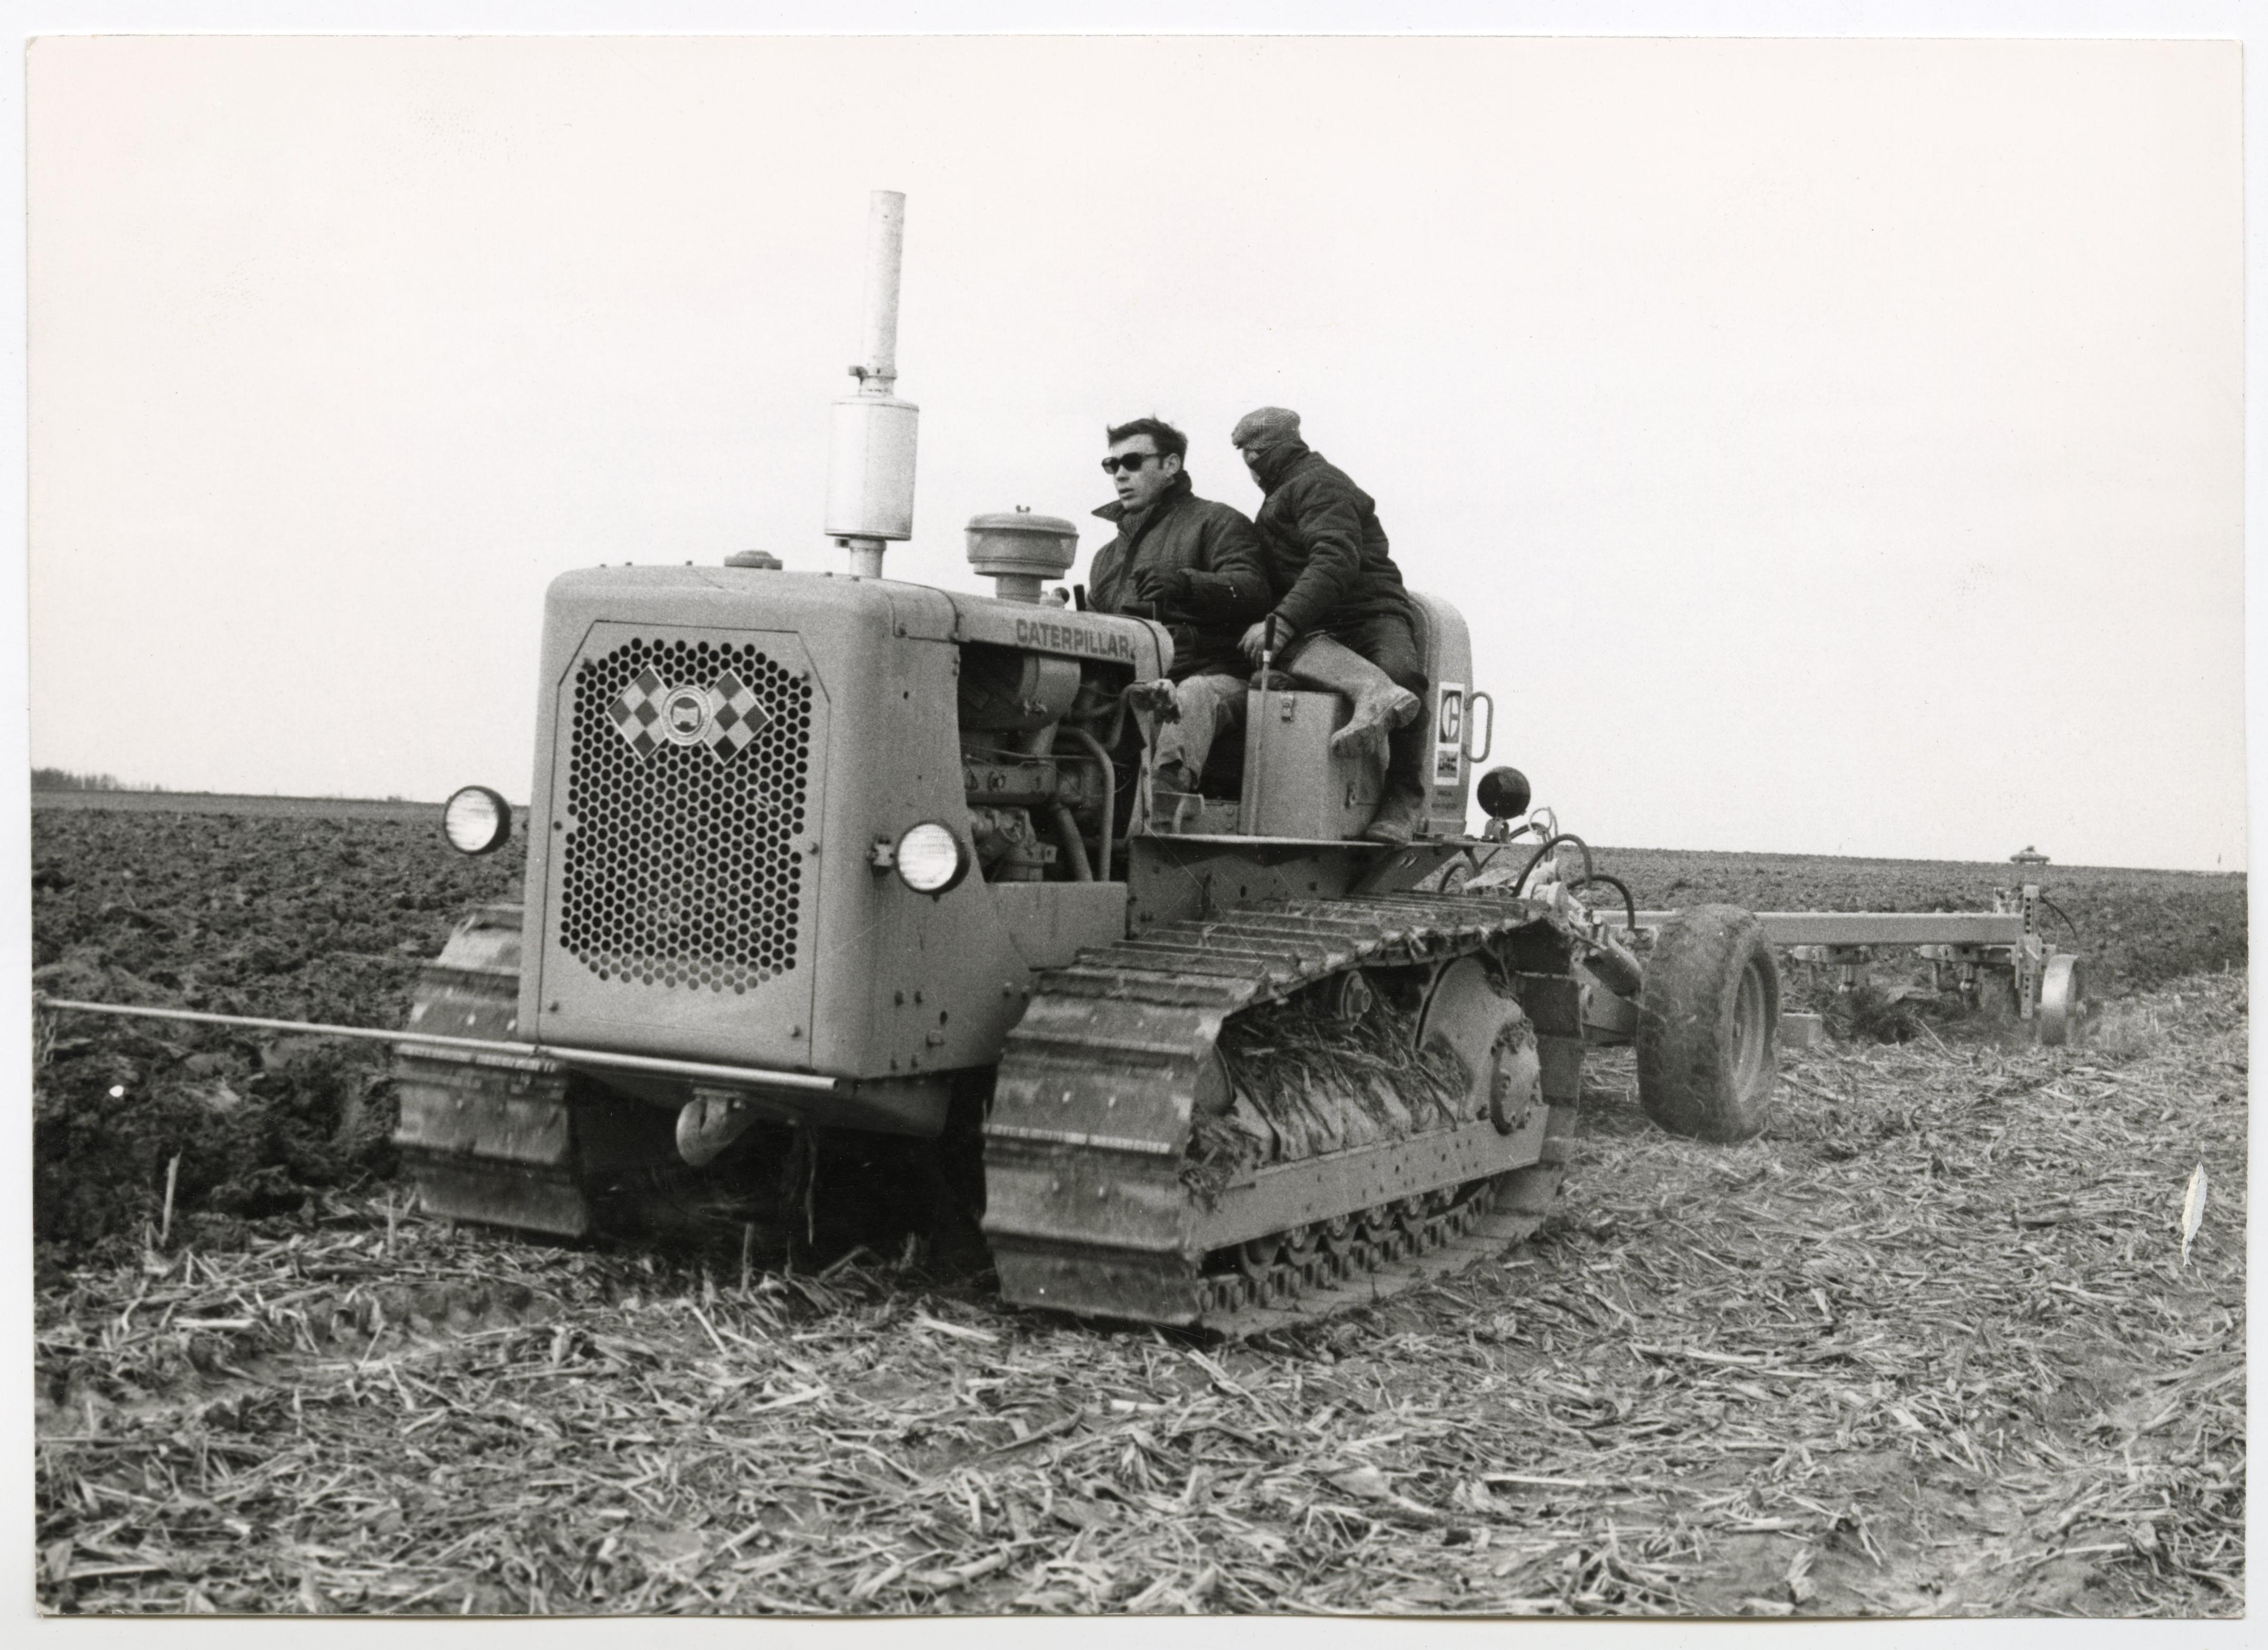 Agriculteurs labourant un champ : tirage photographique, lieu inconnus, années 1950.